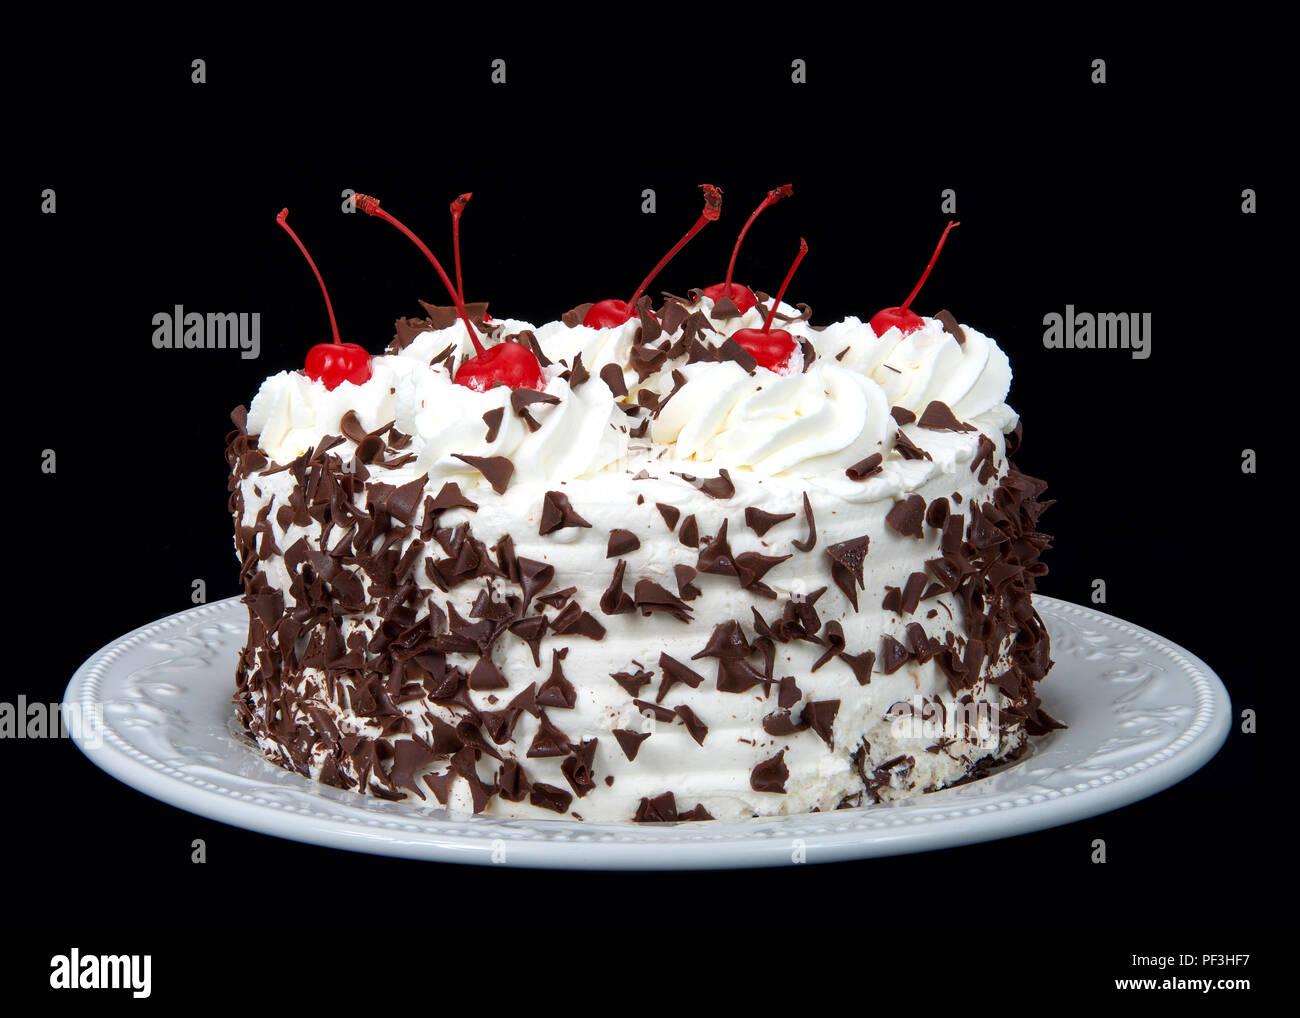 La torta de la selva negra en una placa blanca aislado sobre un fondo oscuro. Crema batida, afeitada dulces de chocolate, cerezas en la parte superior. Foto de stock